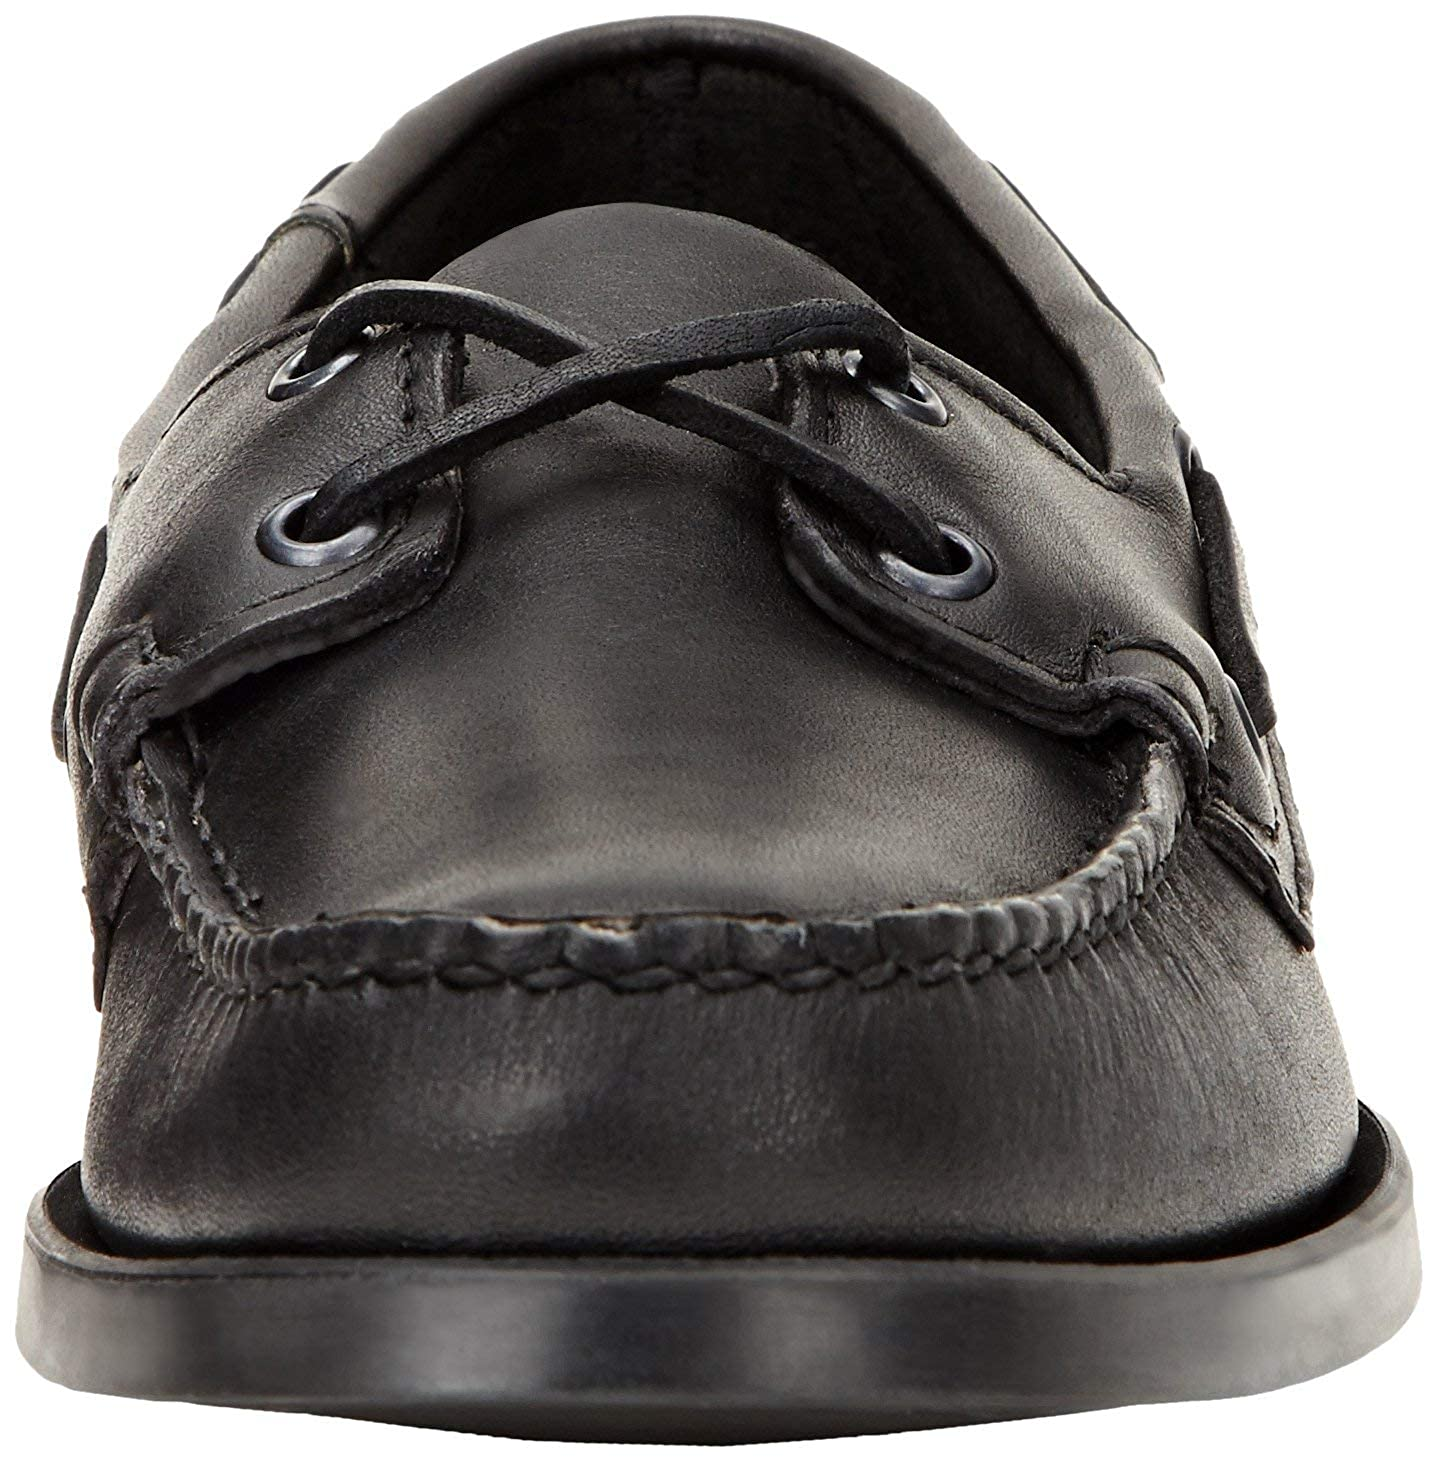 Sebago Mens Docksides Boat Shoe